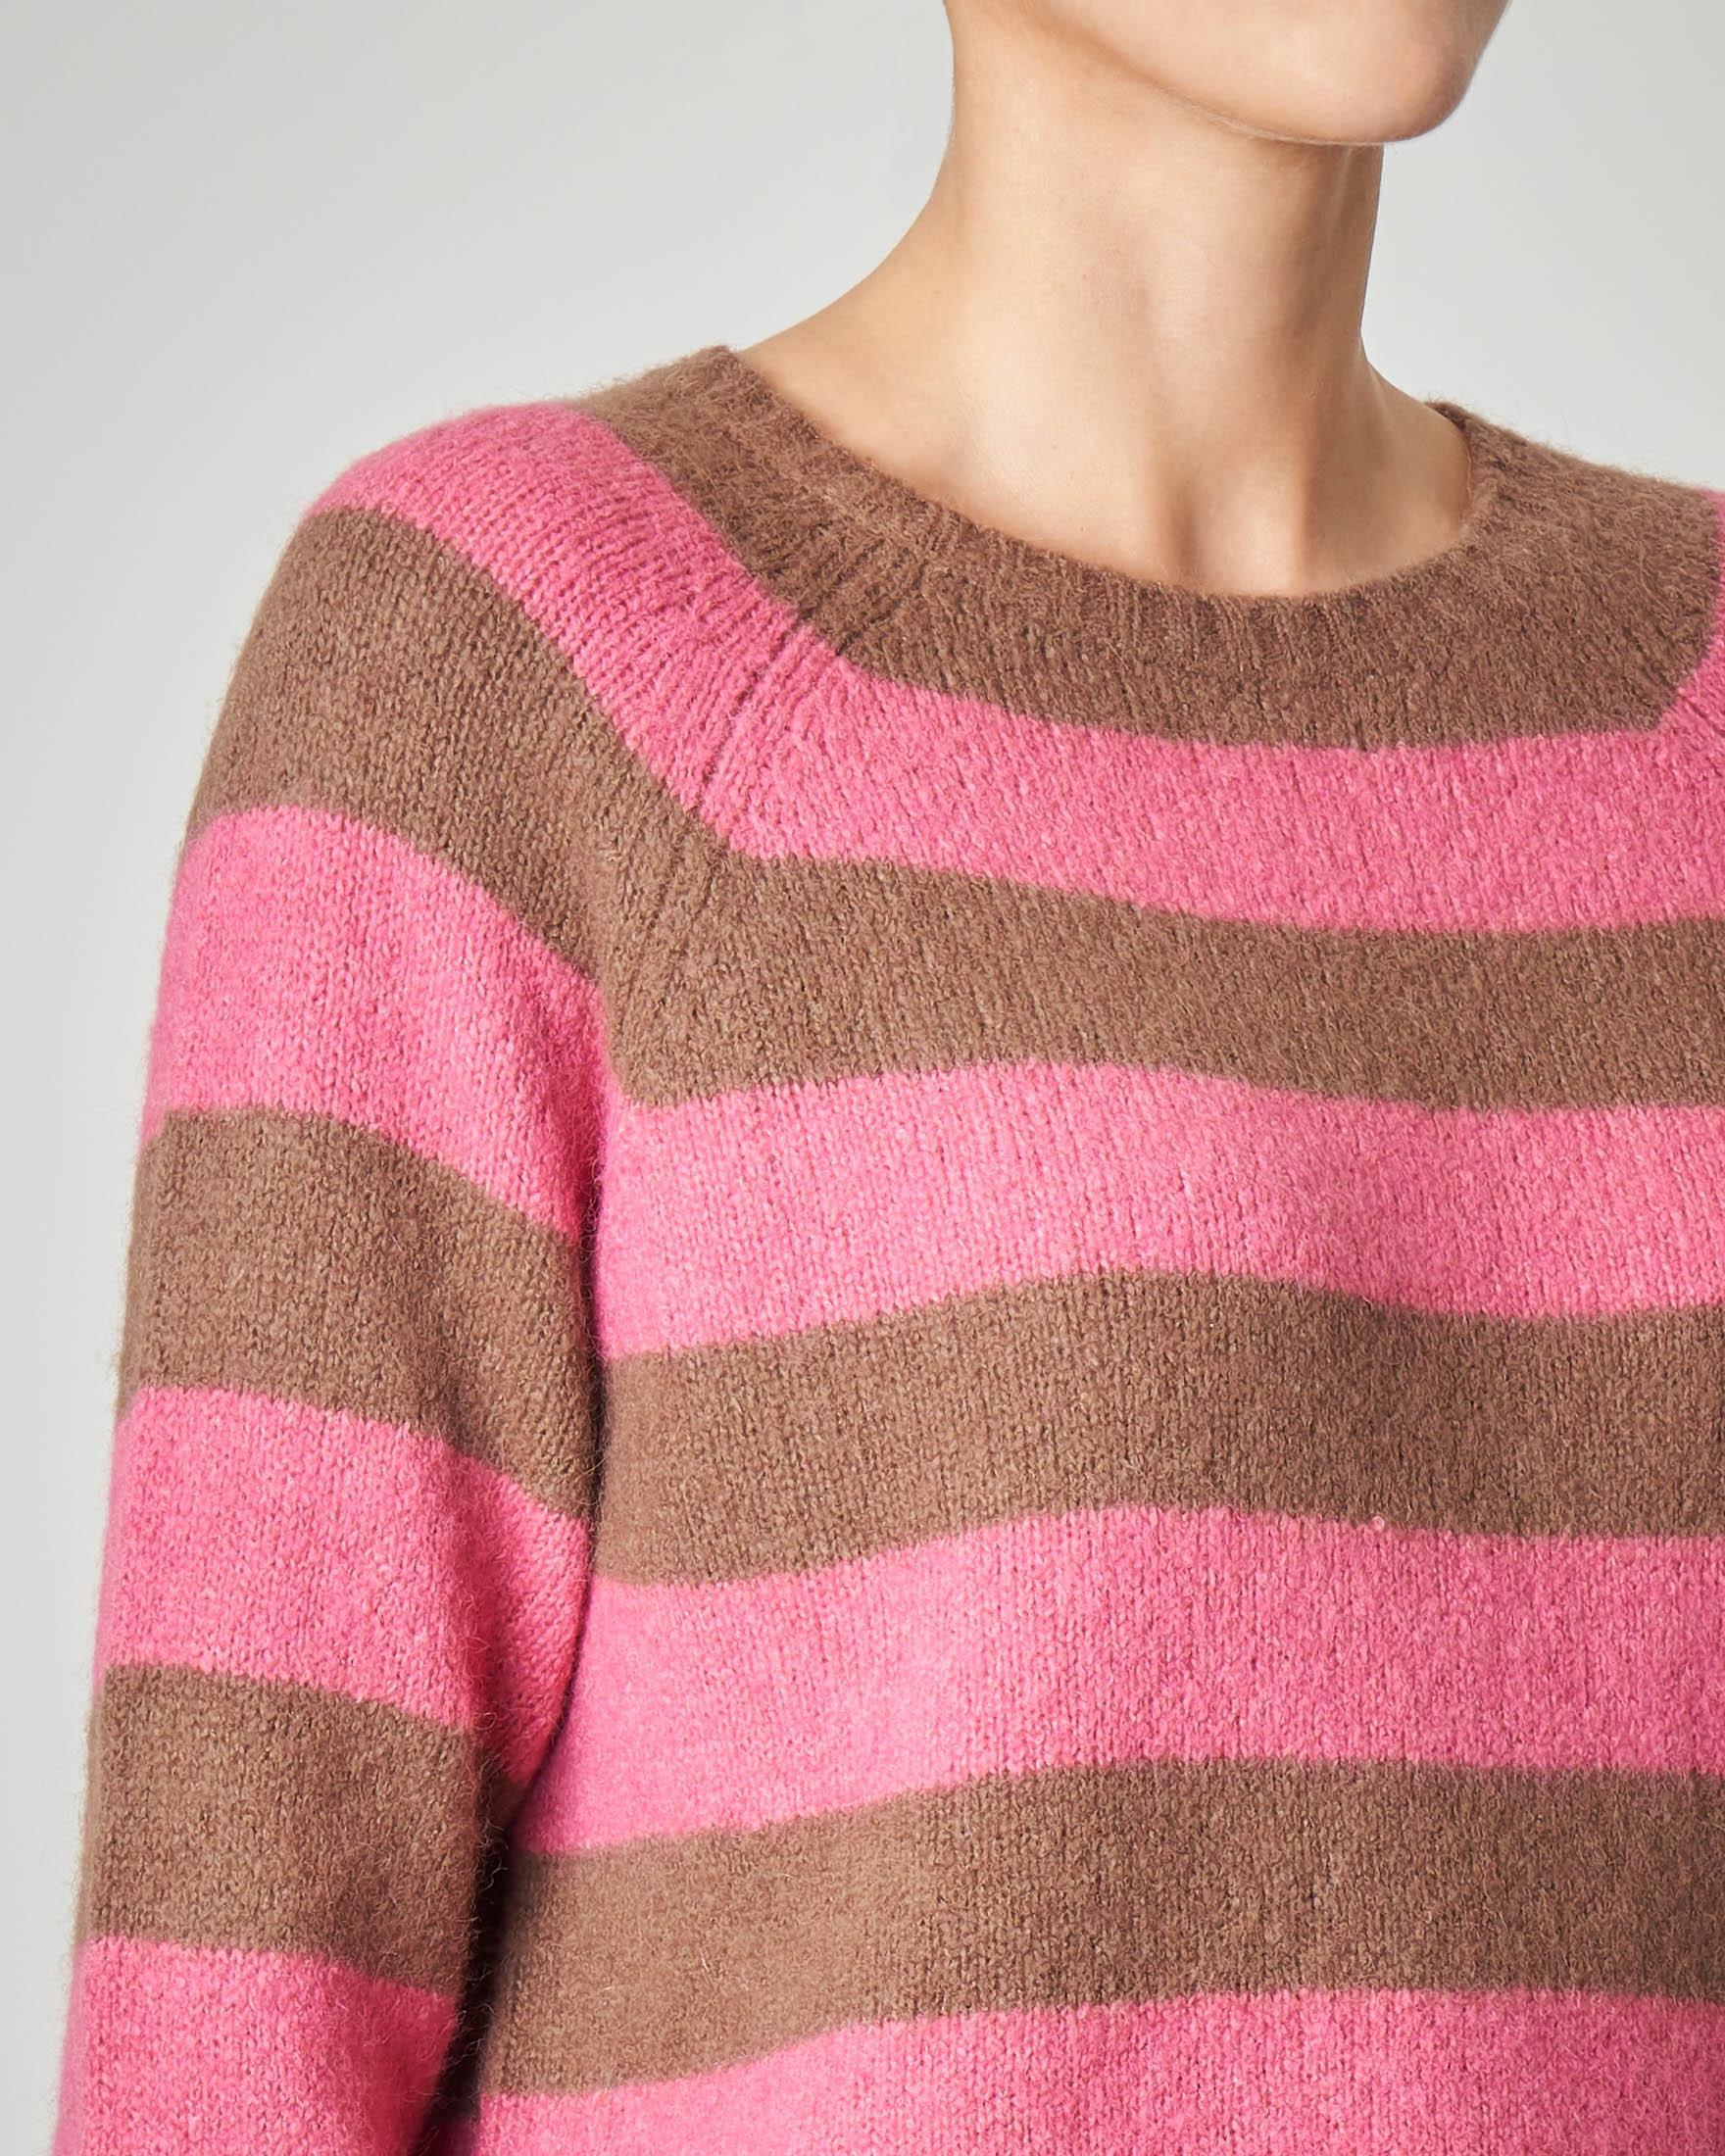 Maglia girocollo a righe cammello e rosa in maglia rasata misto alpaca